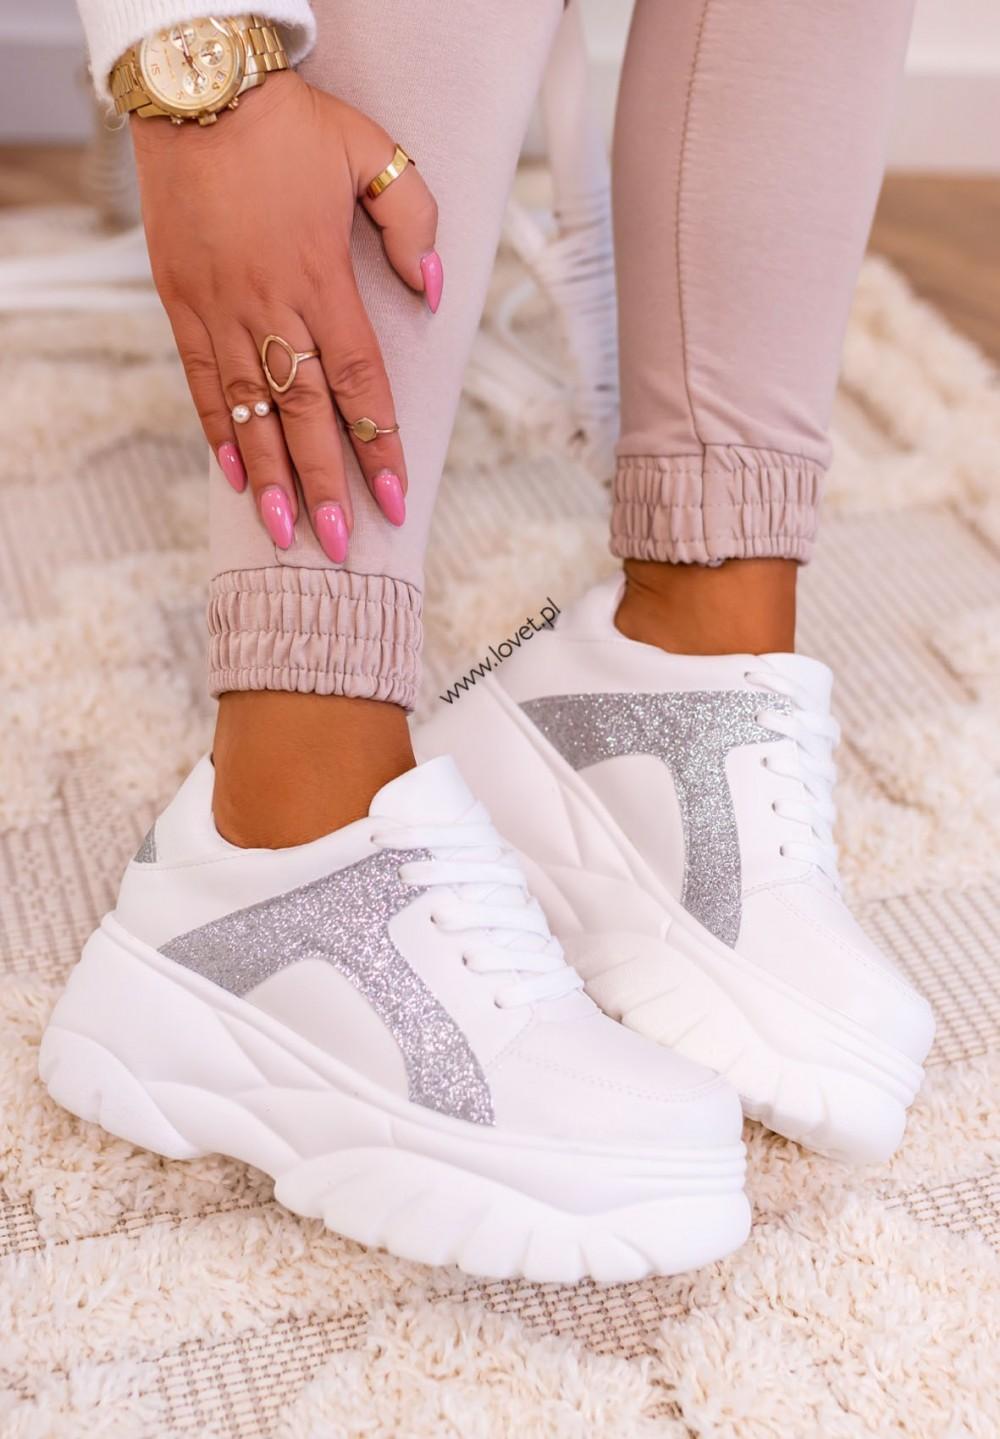 Trampki Sneakersy Brokatowe Białe Alana